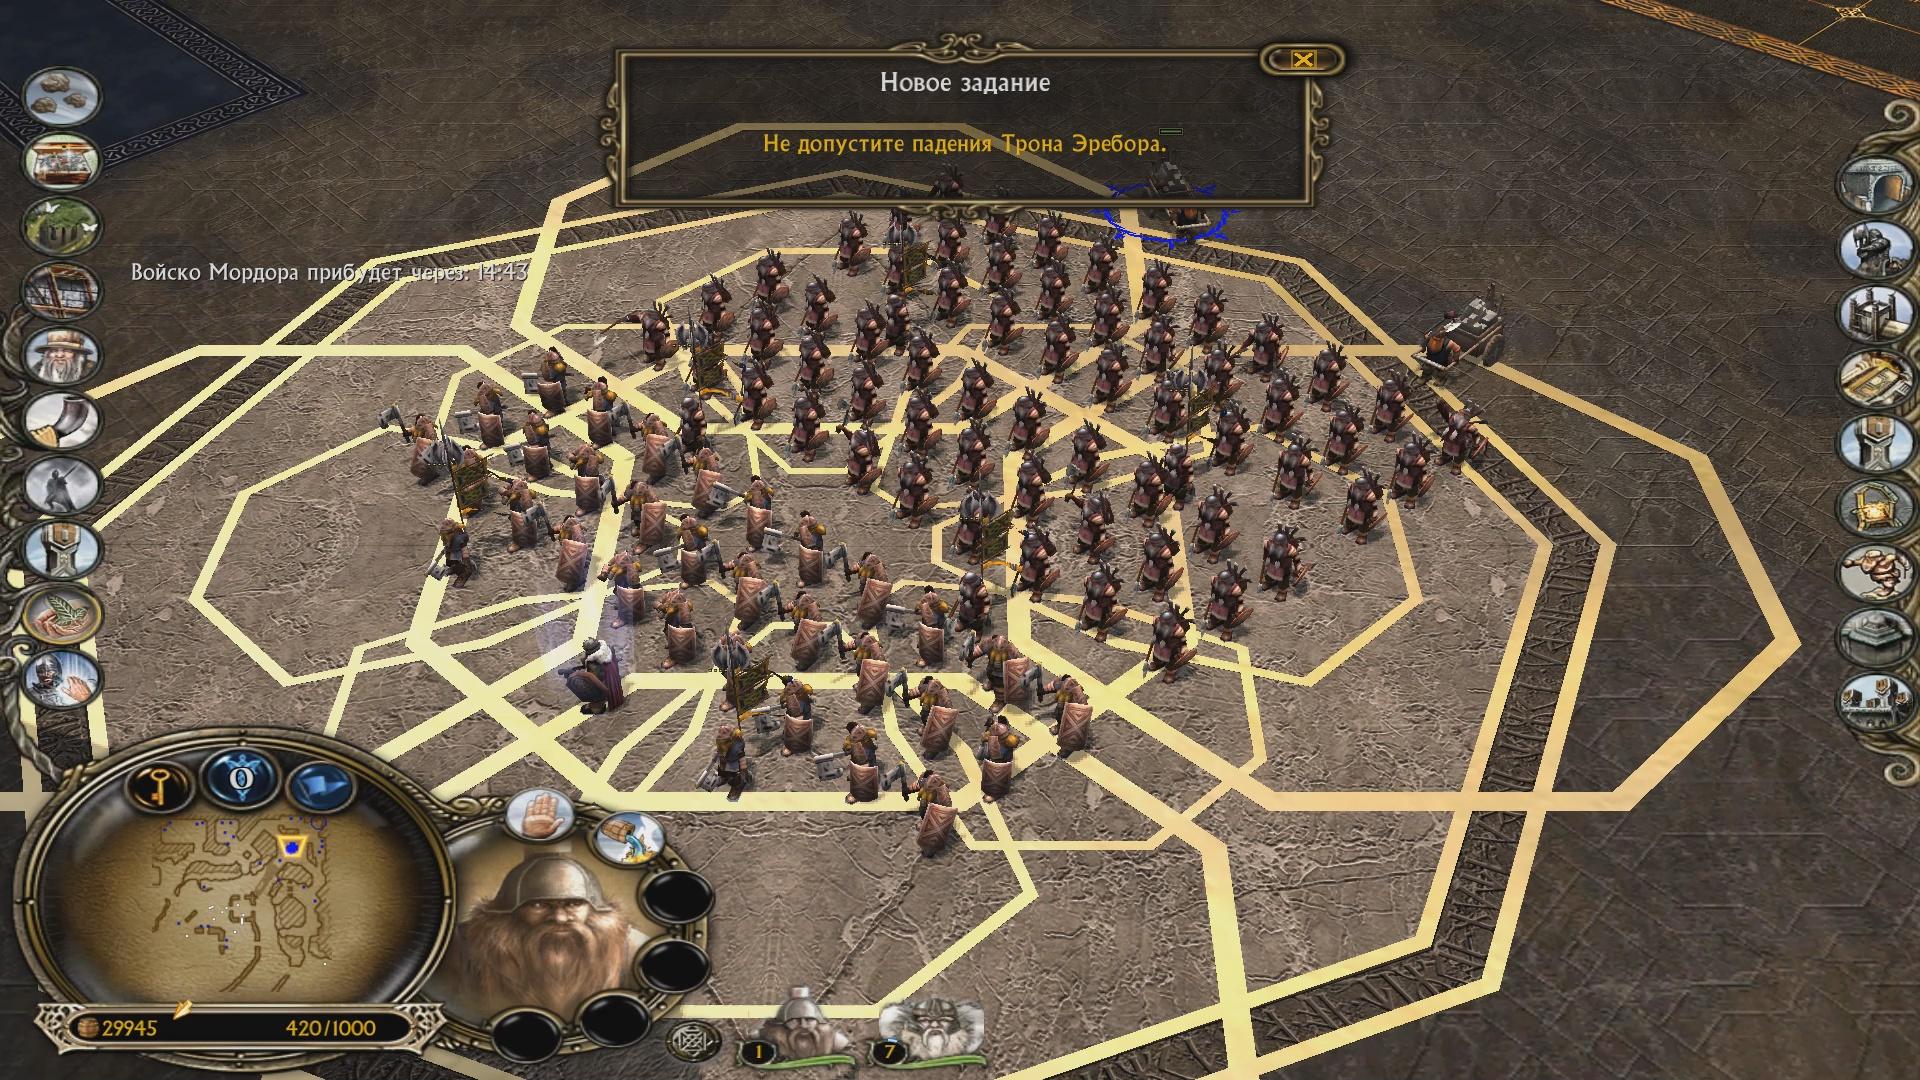 Ретроспективный обзор The Battle for Middle-Earth II | Битва за Средиземье 2. - Изображение 8